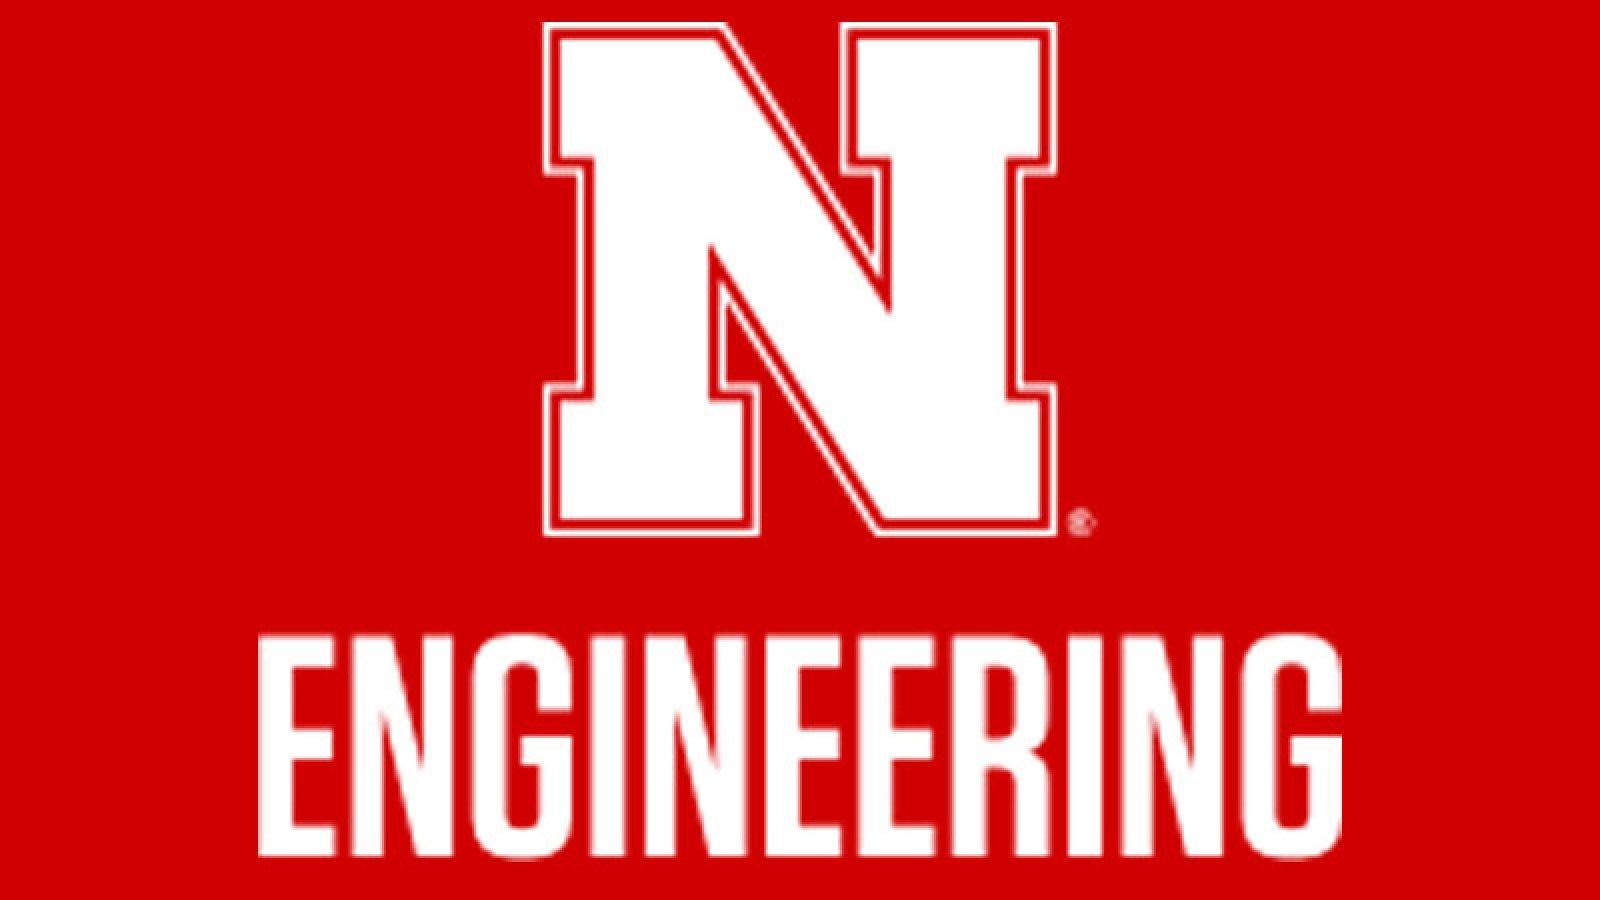 Nebraska Engineering.